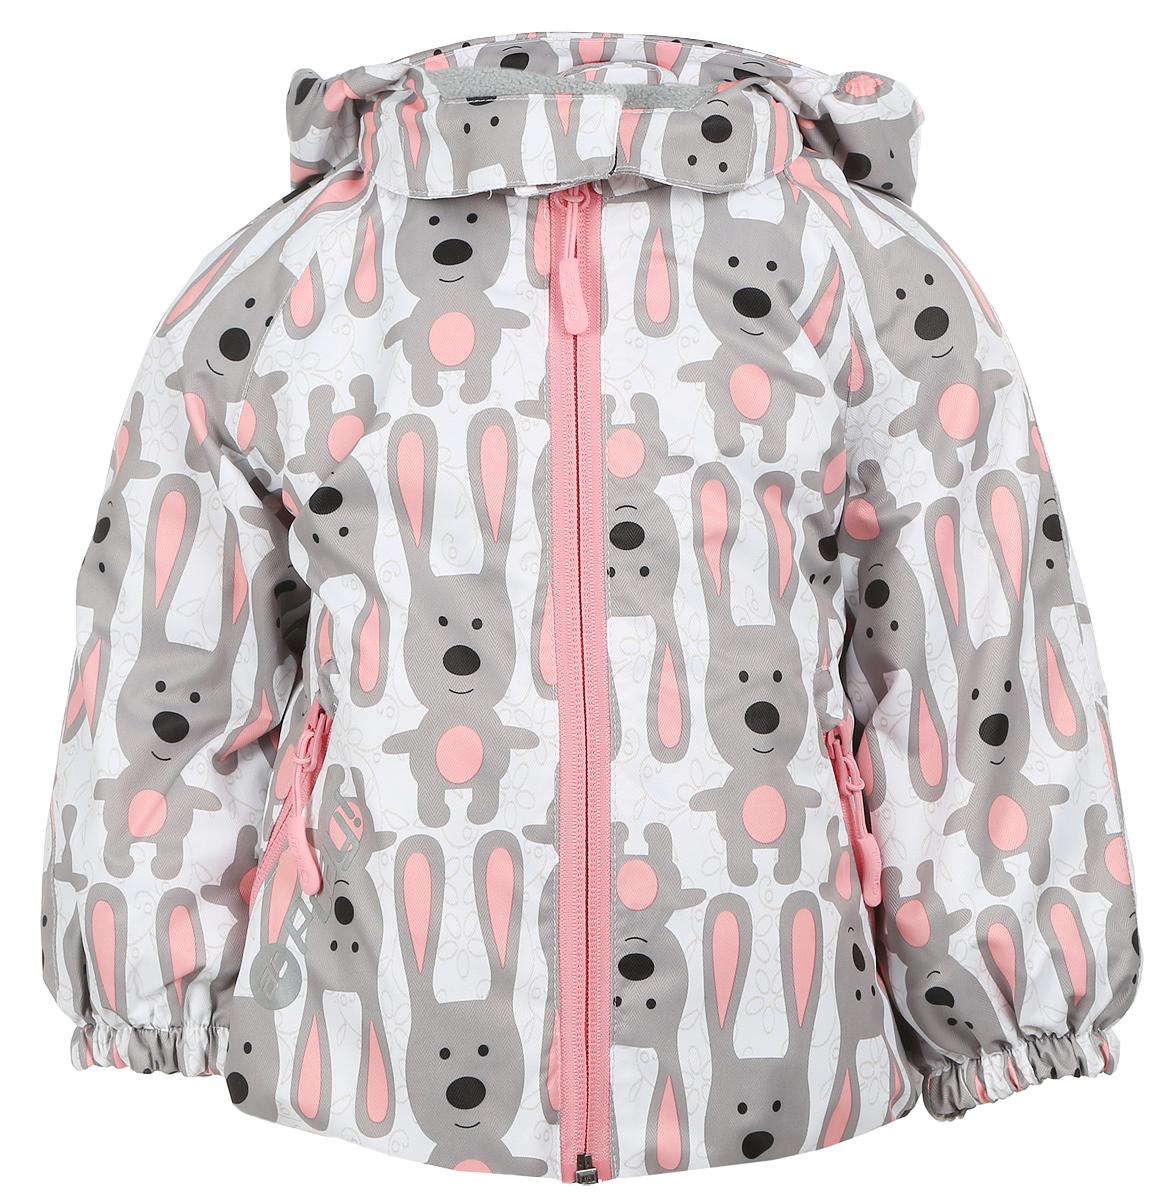 1jk703Удобная и комфортная куртка для девочки atPlay! выполнена из качественного полиэстера, с покрытием Teflon от DuPont, которое облегчает уход за этой одеждой. Дышащая способность: 5000г/м и водонепроницаемость куртки: 5000мм. Куртка 2 в 1 с отстегивающейся флисовой поддевкой- кофточкой из материала Polar fleese, которая служит как утеплитель, а также ее можно носить отдельно. Такая кофточка отличное решение для весеннего периода, к тому же она изготовлена с антипиллинговой обработкой ворса для сохранения качественных характеристик на более длительный срок. Куртка с воротником-стойкой и отстегивающимся капюшоном застегивается на молнию с защитой подбородка. Капюшон имеет спереди защитный клапан на липучках. Манжеты рукавов, капюшон и низ изделия дополнены эластичными резинками. Спереди модель оформлена двумя прорезными карманами на застежках-молниях, с внутренней стороны на поддевке-кофточке расположены два накладных кармана. Куртка оснащена...